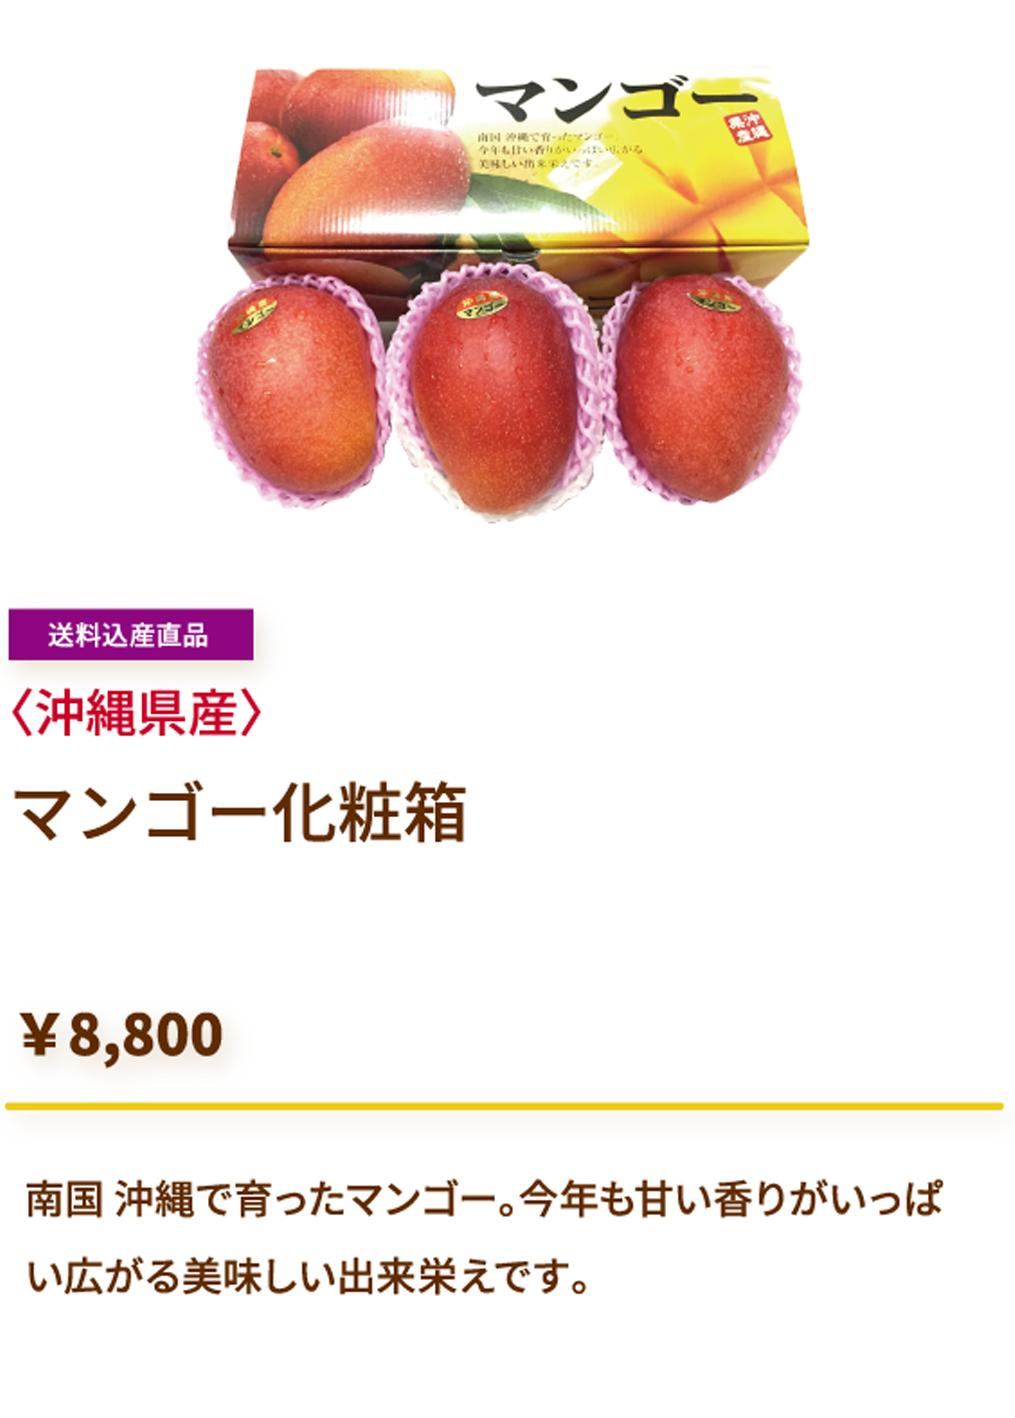 マンゴー化粧箱